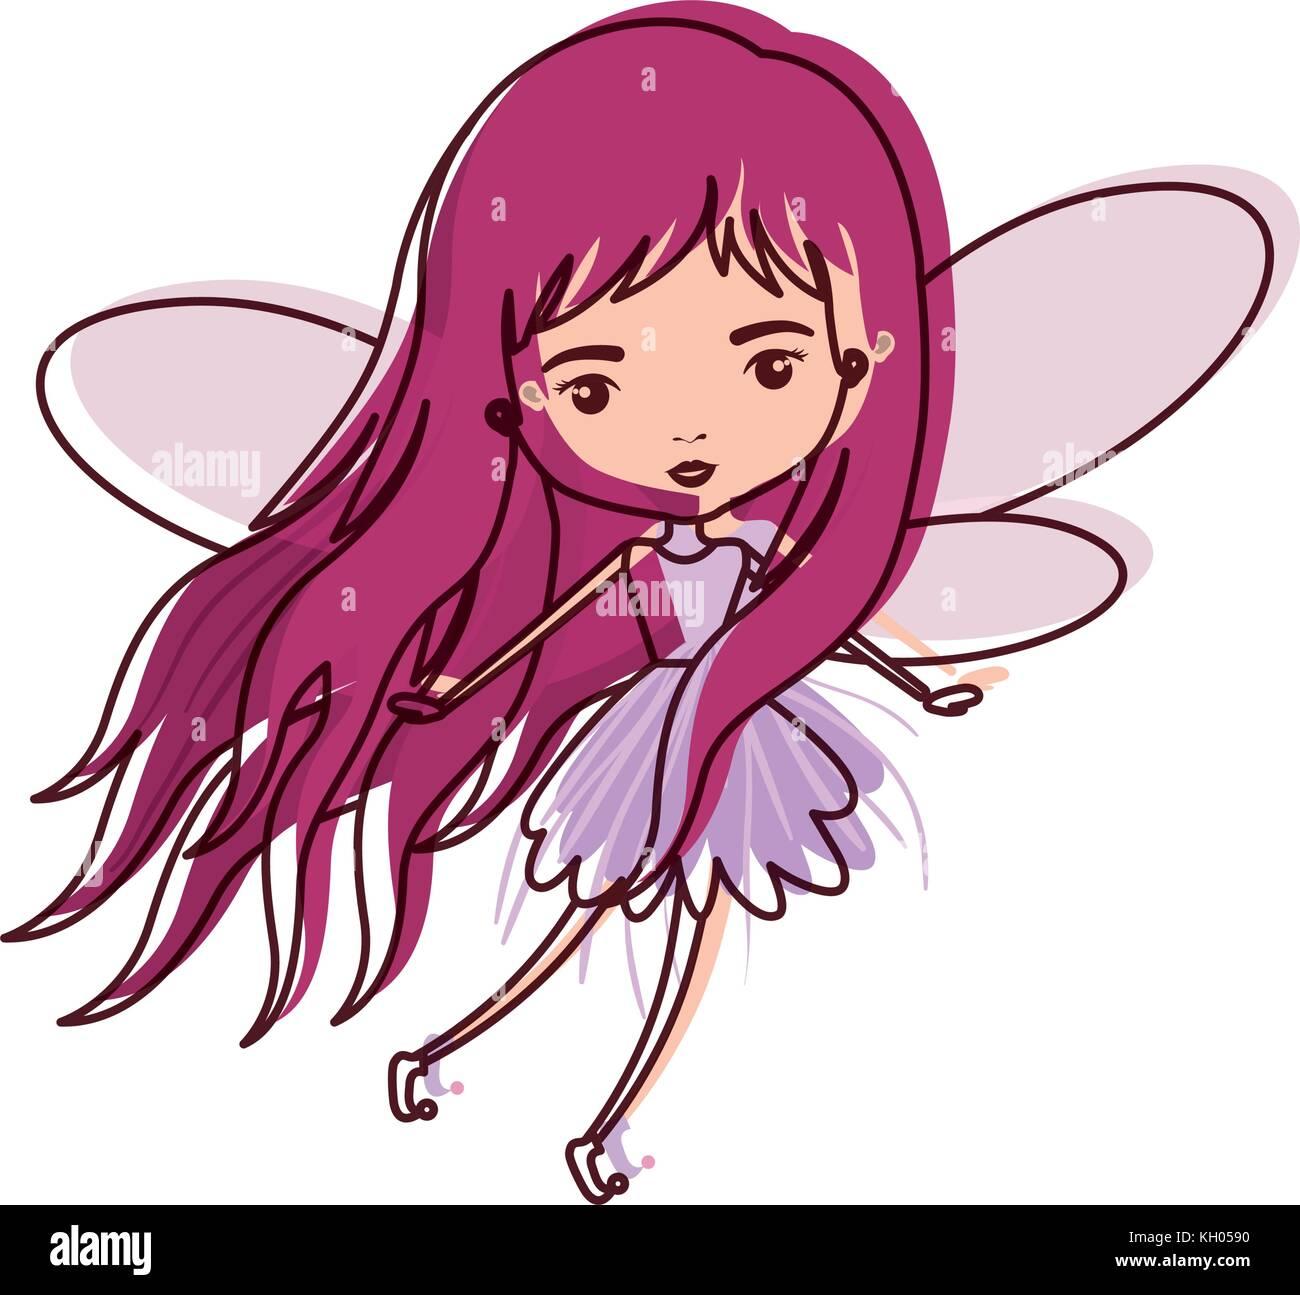 Girly fata volare con le ali e capelli lunghi in silhouette ad acquerello Immagini Stock